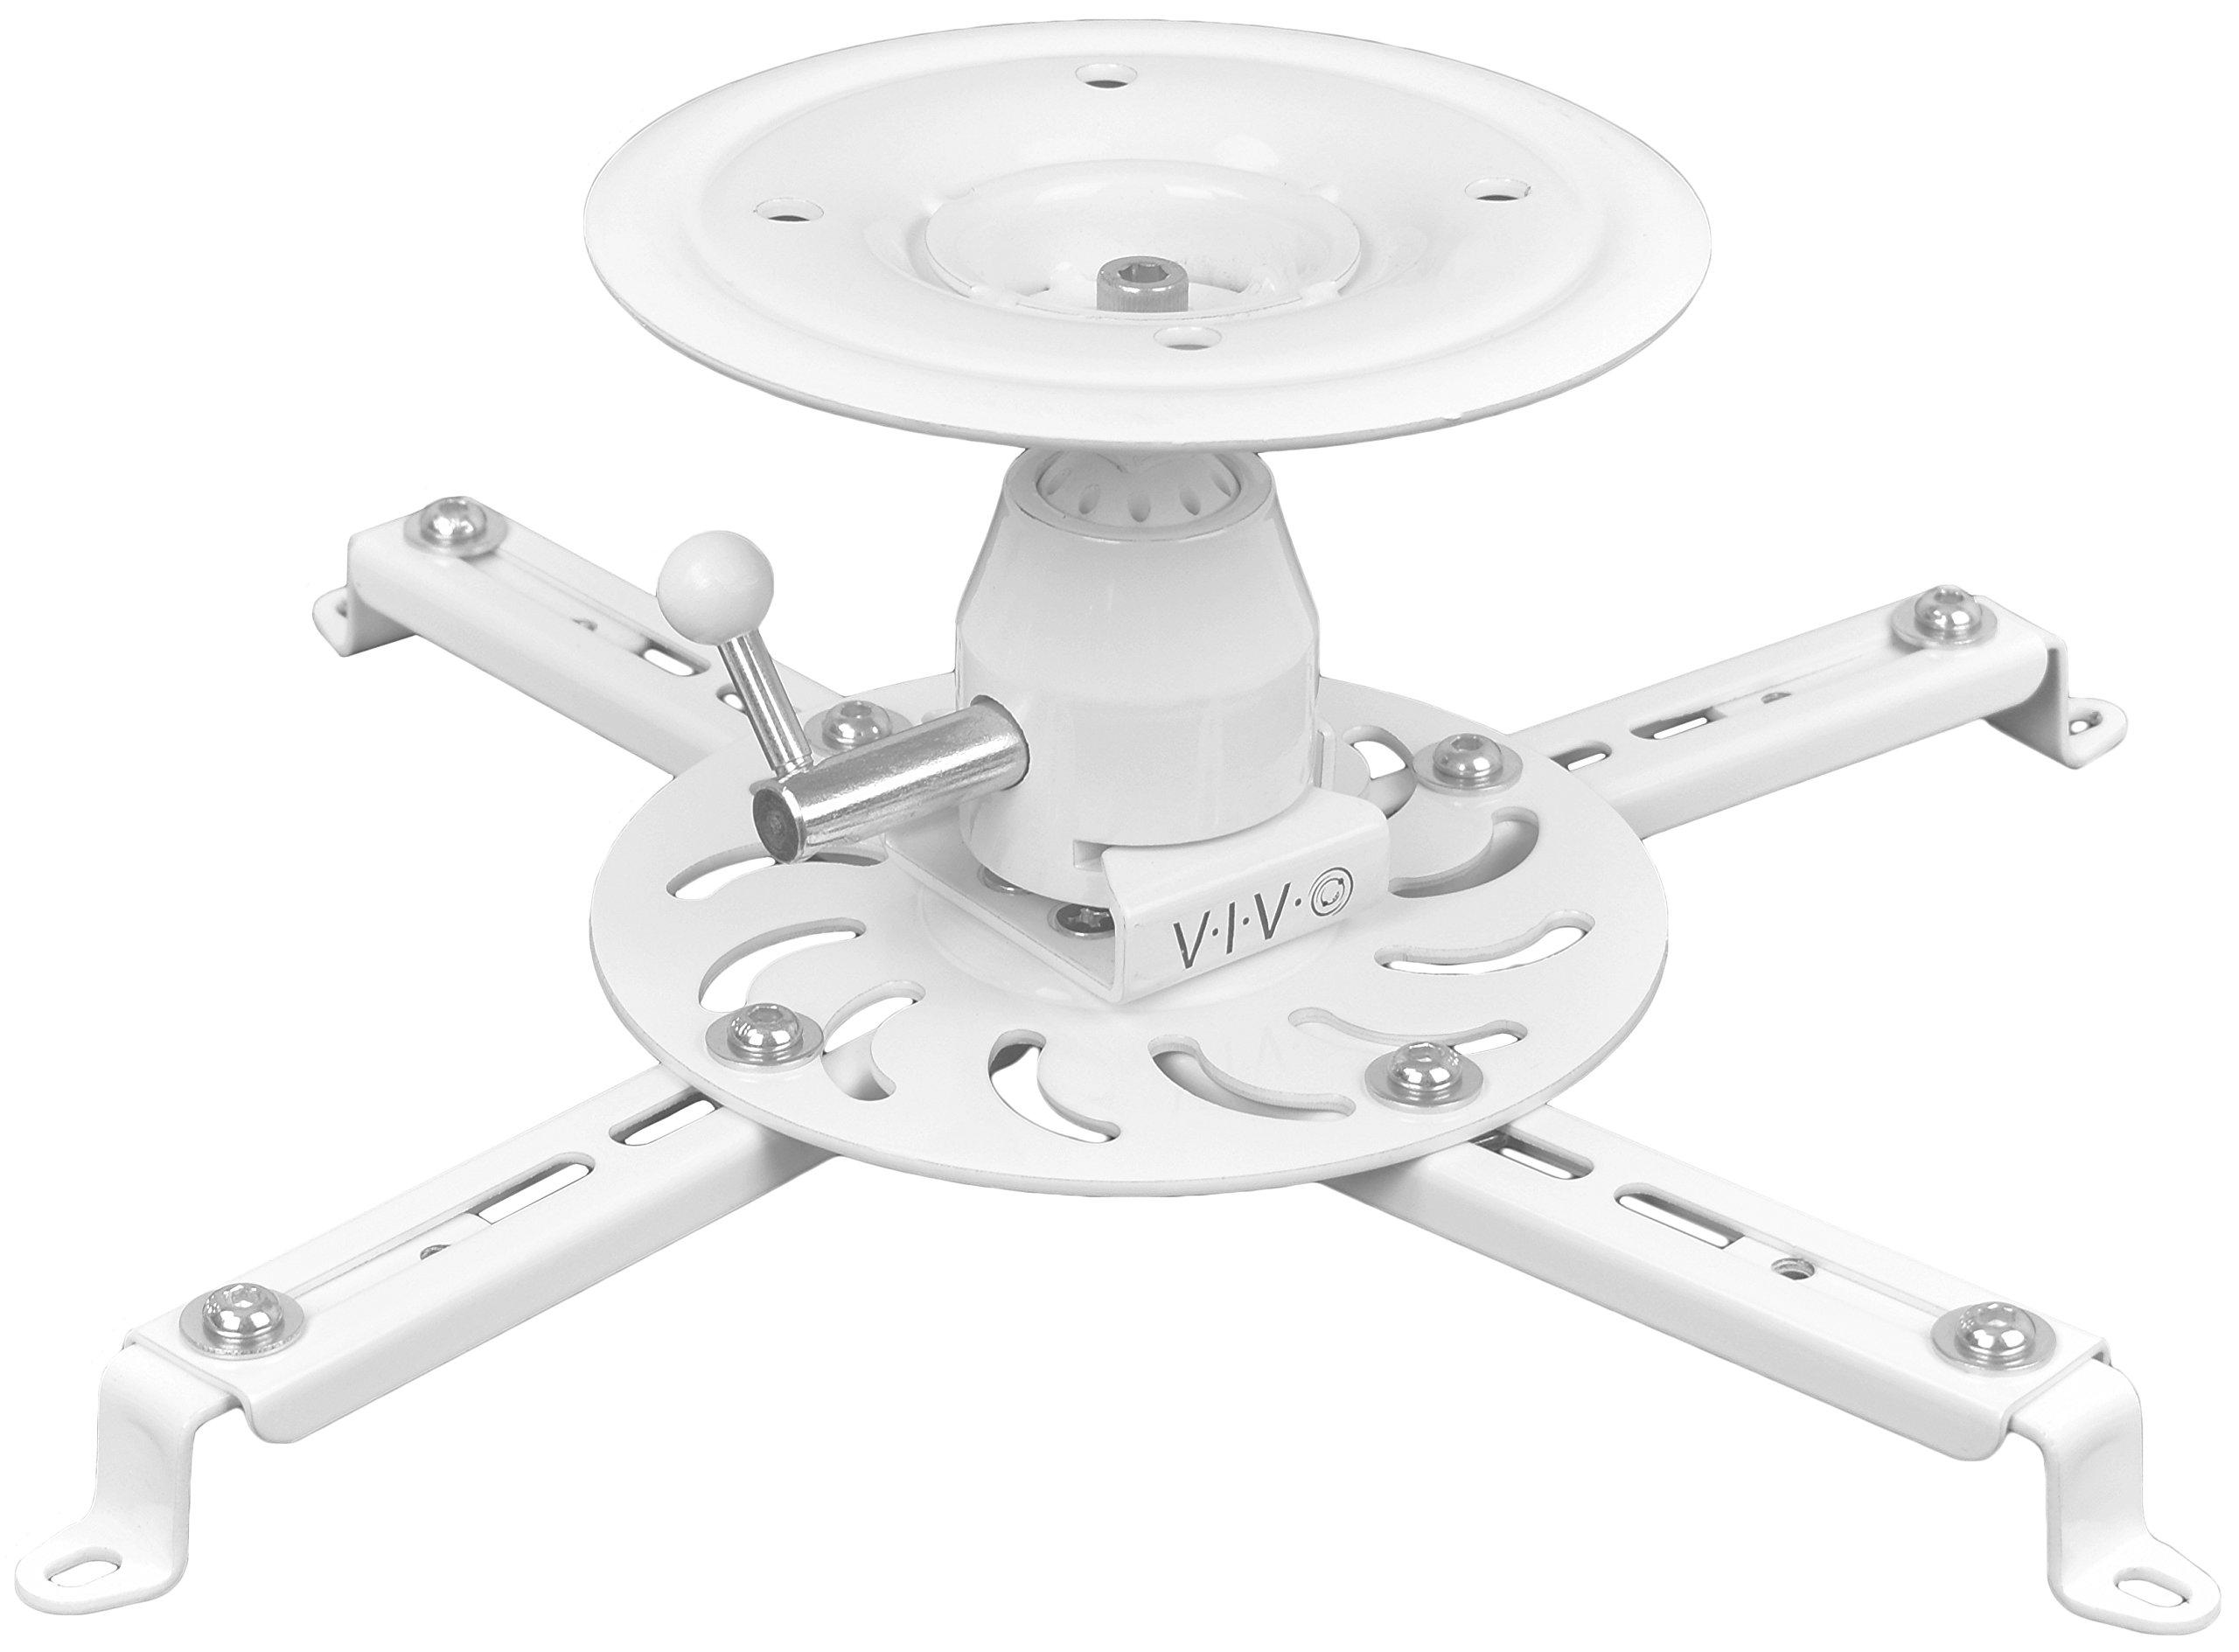 VIVO Universal Articulating Tilt Swivel Premium Ball Joint Heavy Duty Ceiling Projector Theater Mount Full Motion White (MOUNT-VP04W)